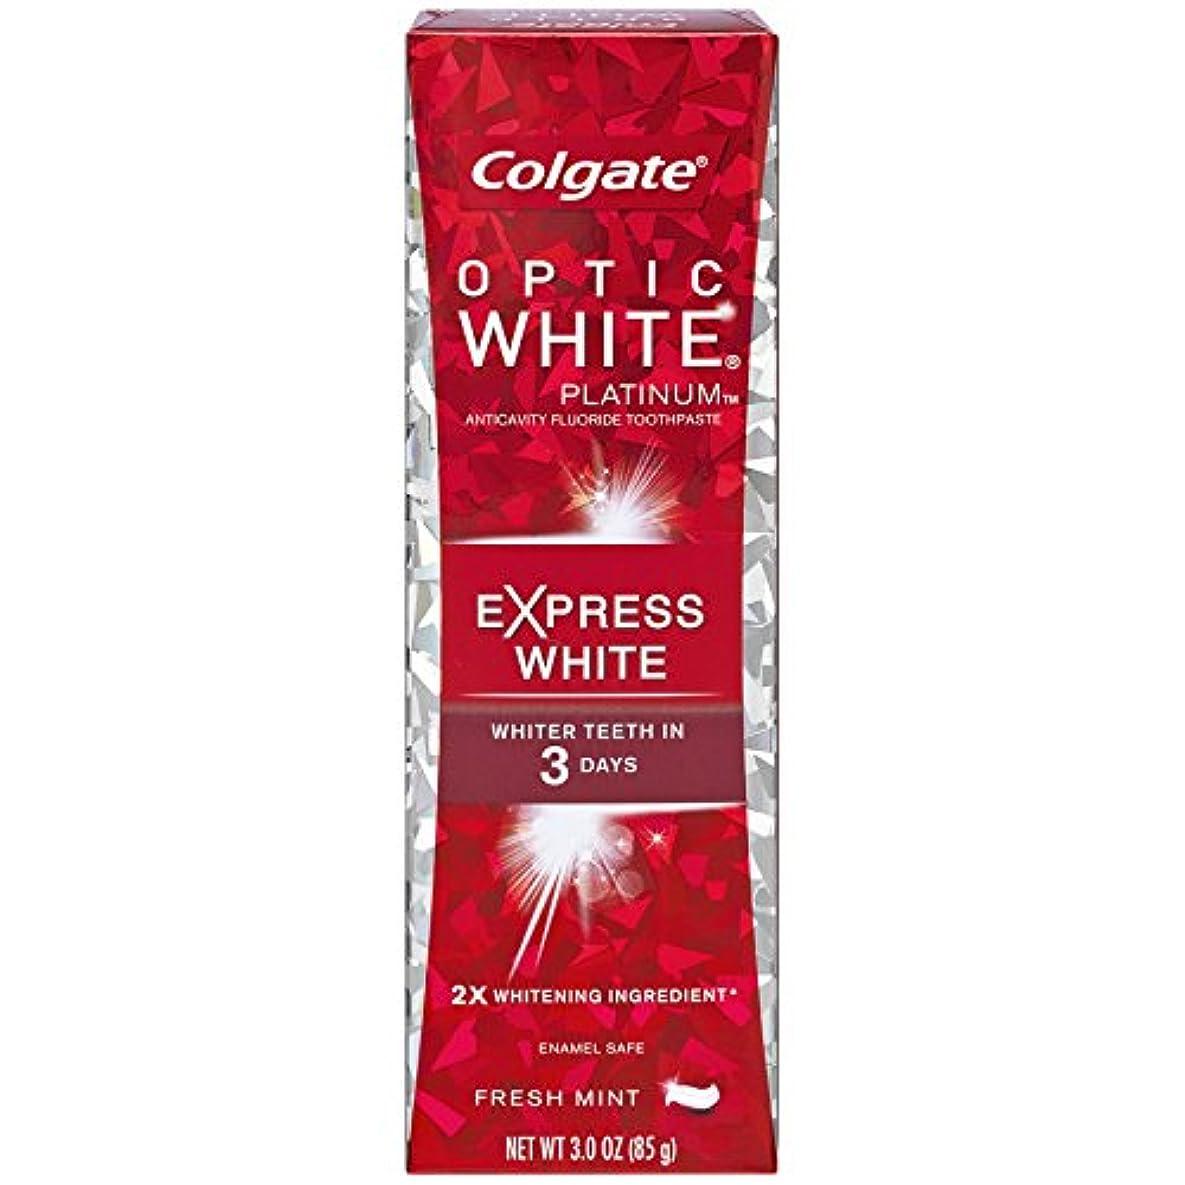 ブレス吸う湿原コルゲート 歯みがき粉 オプティック ホワイト 3Days エクスプレス ホワイト